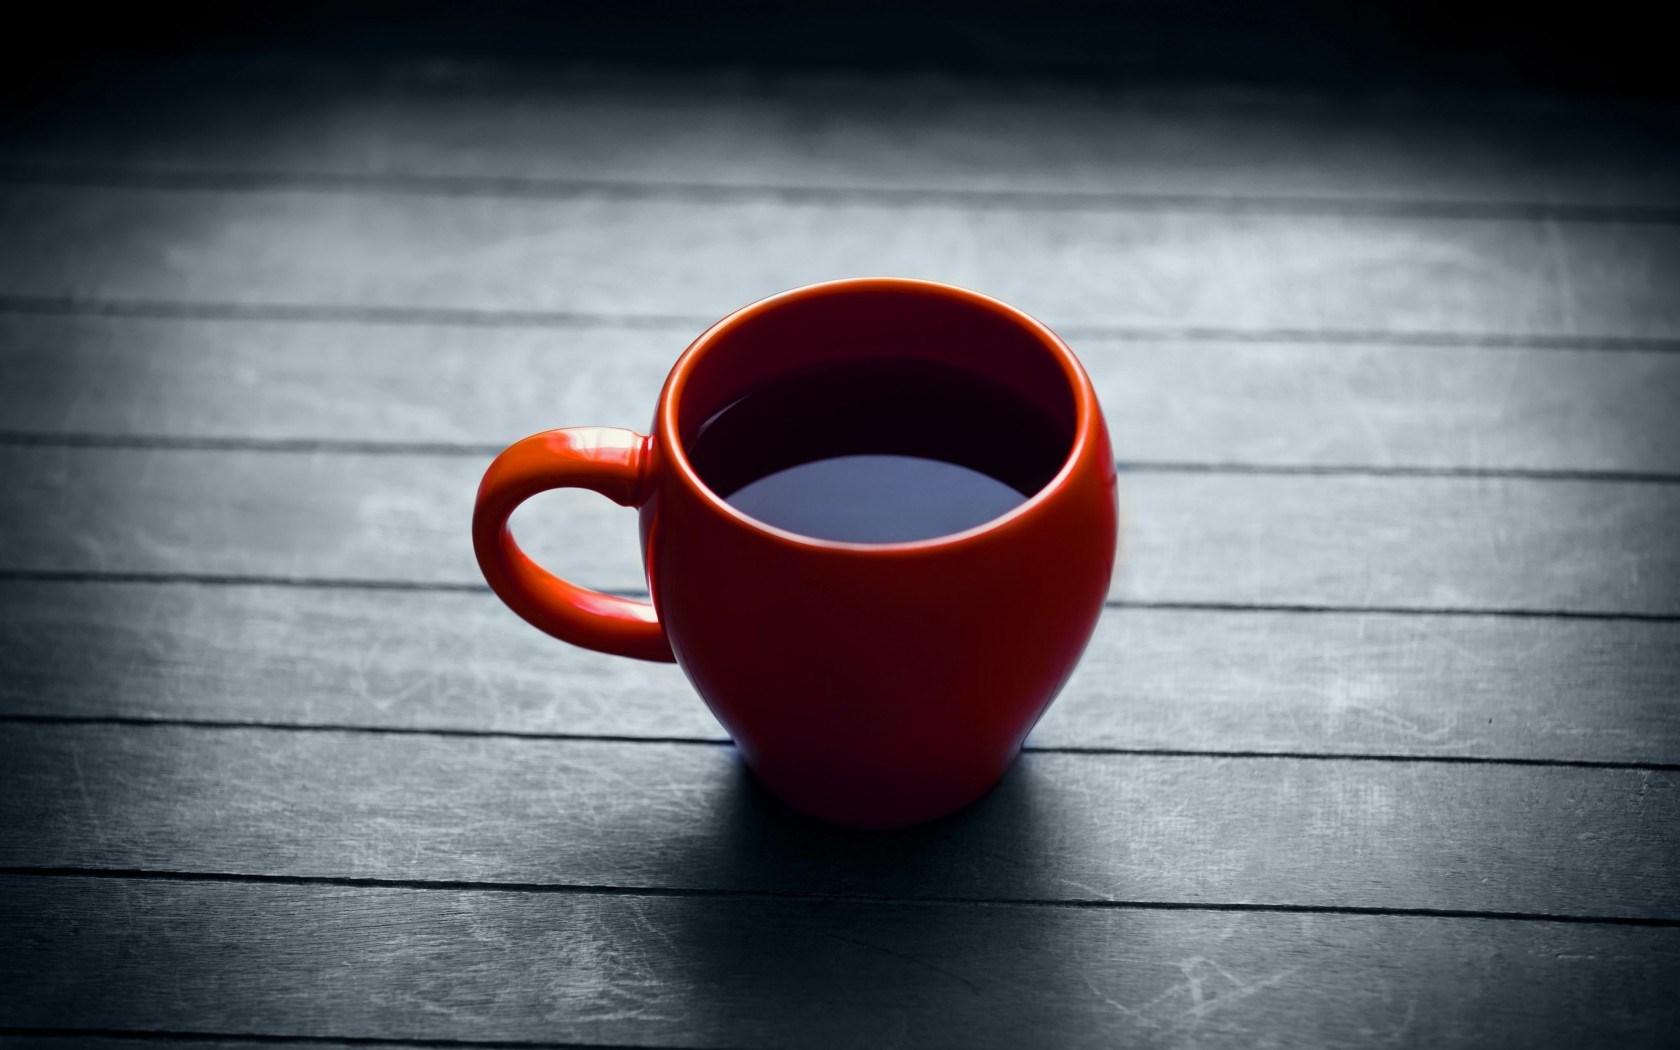 Mood Cup Mug Drink